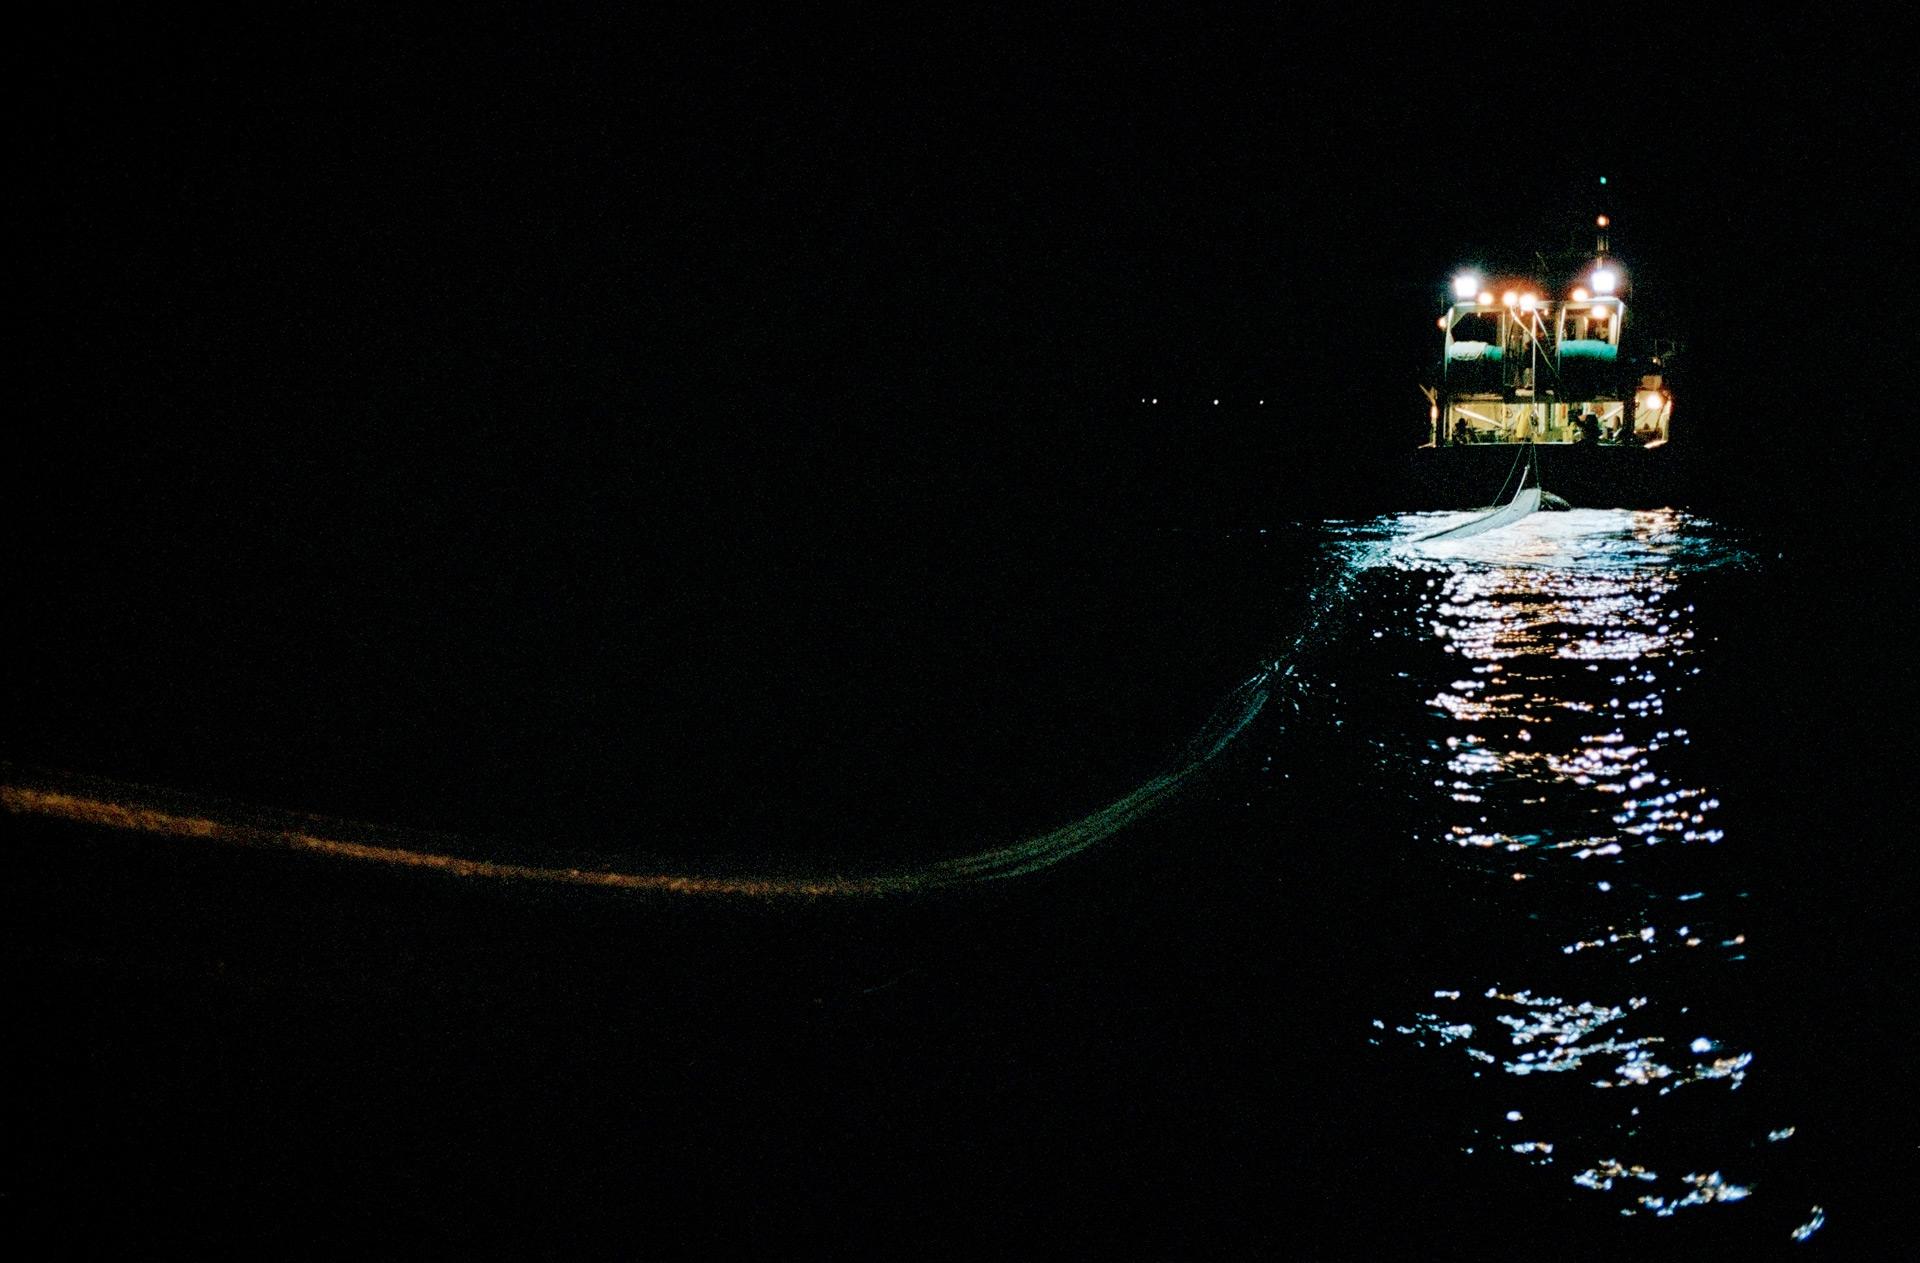 """Campagne de pêche à bord du  Magayant , chalutier pélagique rattaché au port de La Turballe, dans le département de la Loire Atlantique, France. 2013           Normal.dotm   0   0   1   18   104   ecranomade   1   1   127   12.0                      0   false     21     18 pt   18 pt   0   0     false   false   false                                       /* Style Definitions */ table.MsoNormalTable {mso-style-name:""""Tableau Normal""""; mso-tstyle-rowband-size:0; mso-tstyle-colband-size:0; mso-style-noshow:yes; mso-style-parent:""""""""; mso-padding-alt:0cm 5.4pt 0cm 5.4pt; mso-para-margin-top:0cm; mso-para-margin-right:0cm; mso-para-margin-bottom:10.0pt; mso-para-margin-left:0cm; mso-pagination:widow-orphan; font-size:12.0pt; font-family:""""Times New Roman""""; mso-ascii-font-family:Cambria; mso-ascii-theme-font:minor-latin; mso-fareast-font-family:""""Times New Roman""""; mso-fareast-theme-font:minor-fareast; mso-hansi-font-family:Cambria; mso-hansi-theme-font:minor-latin;}      Remontée du chalut,3h du matin. La marchandise remontée est répartie sur les deux embarcations à la suite d'une manœuvre afin que les deux équipages aient du poisson conditionné à son bord."""